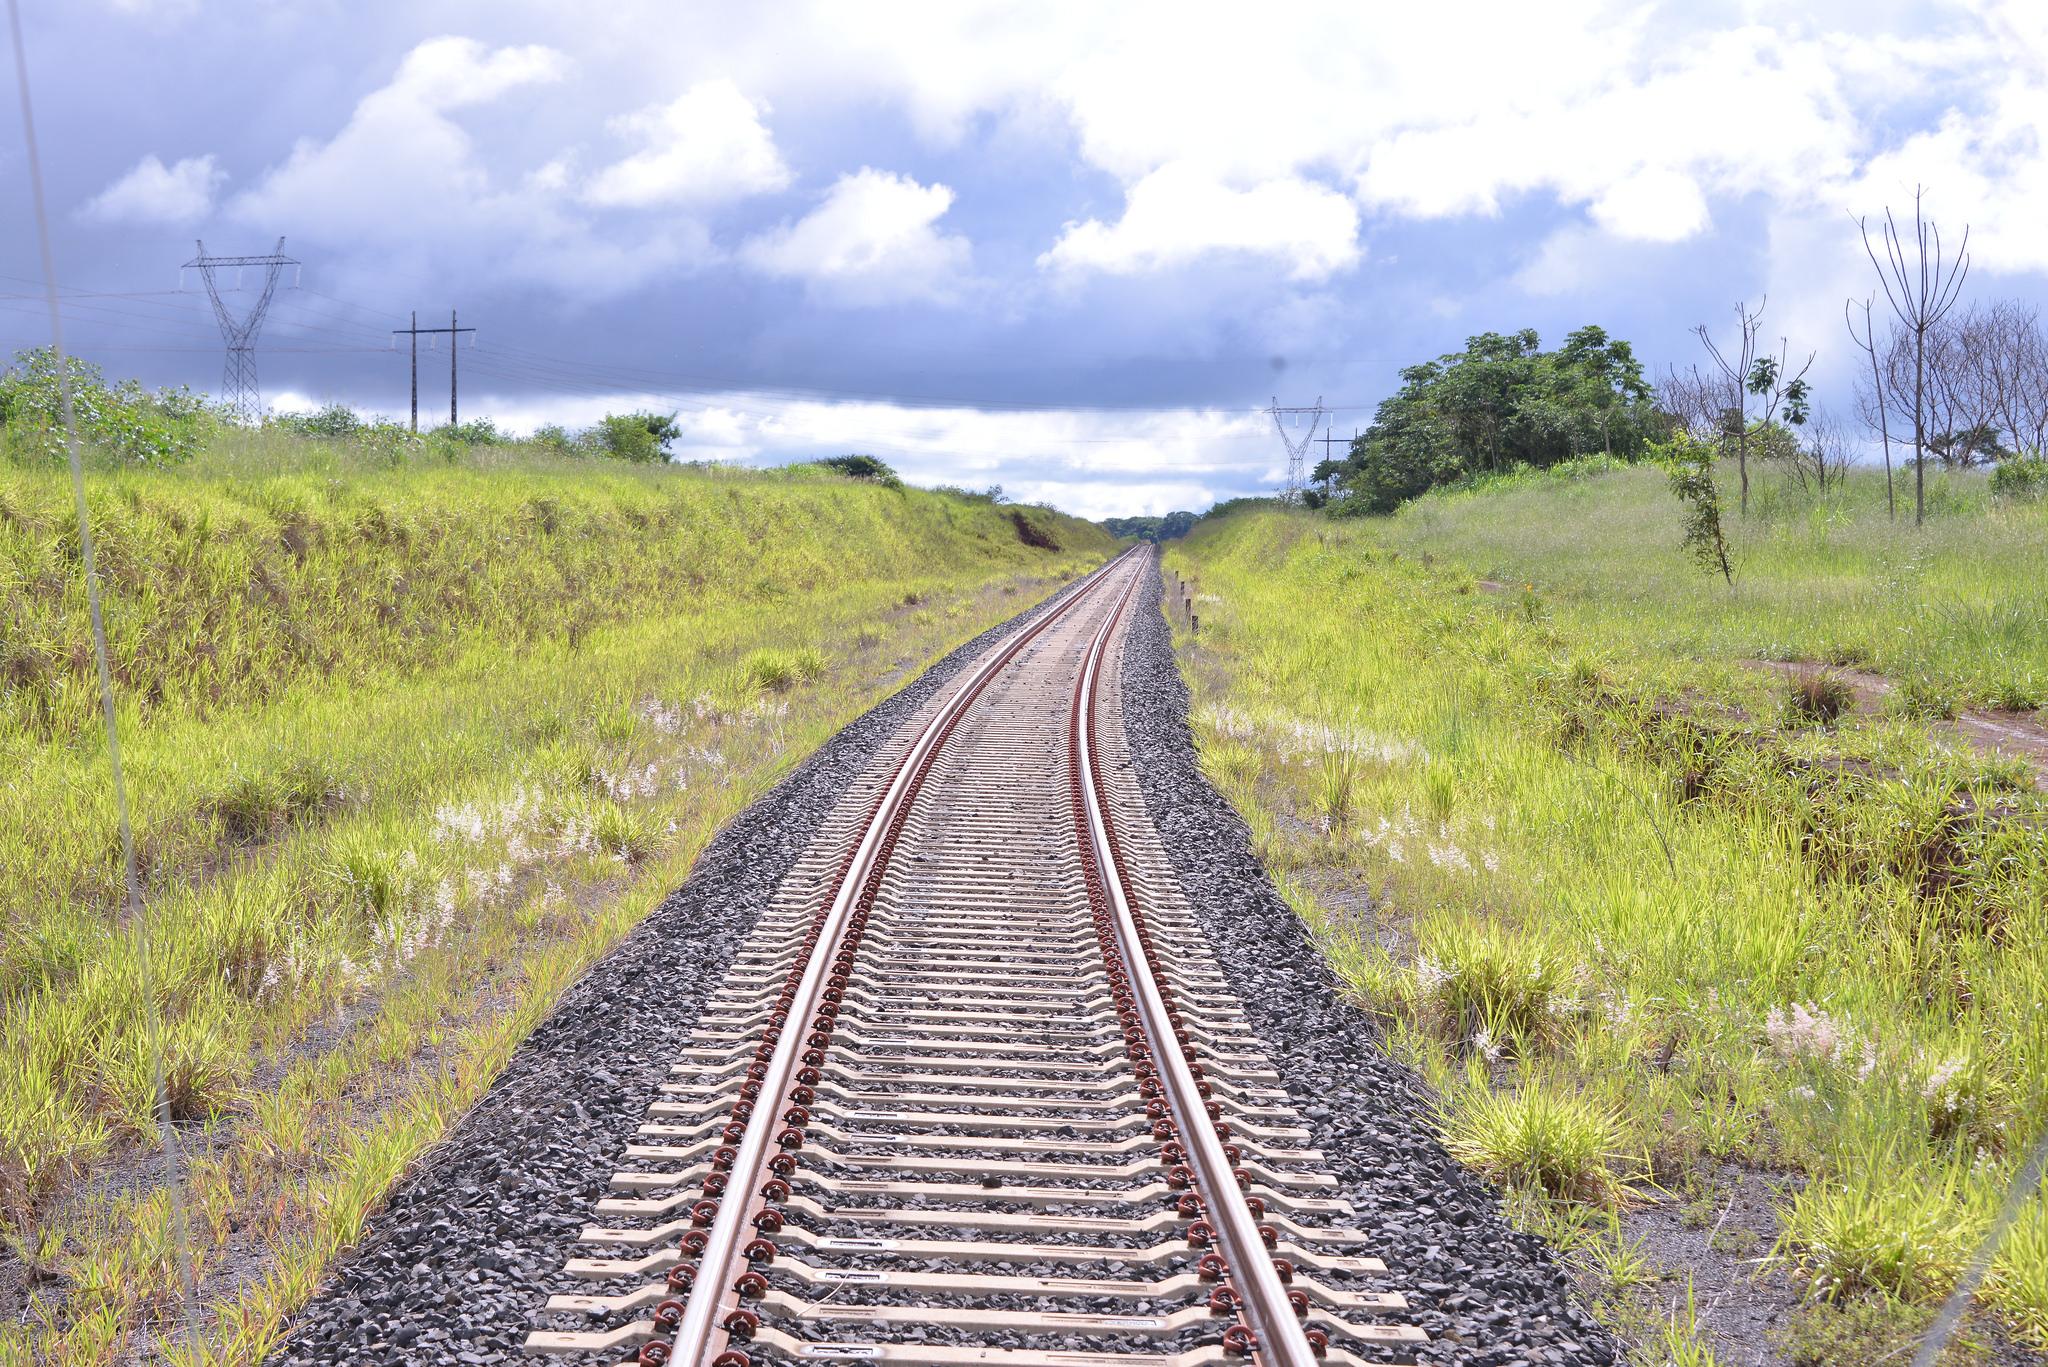 ANTF elabora alternativas para ramais ferroviários antieconômicos